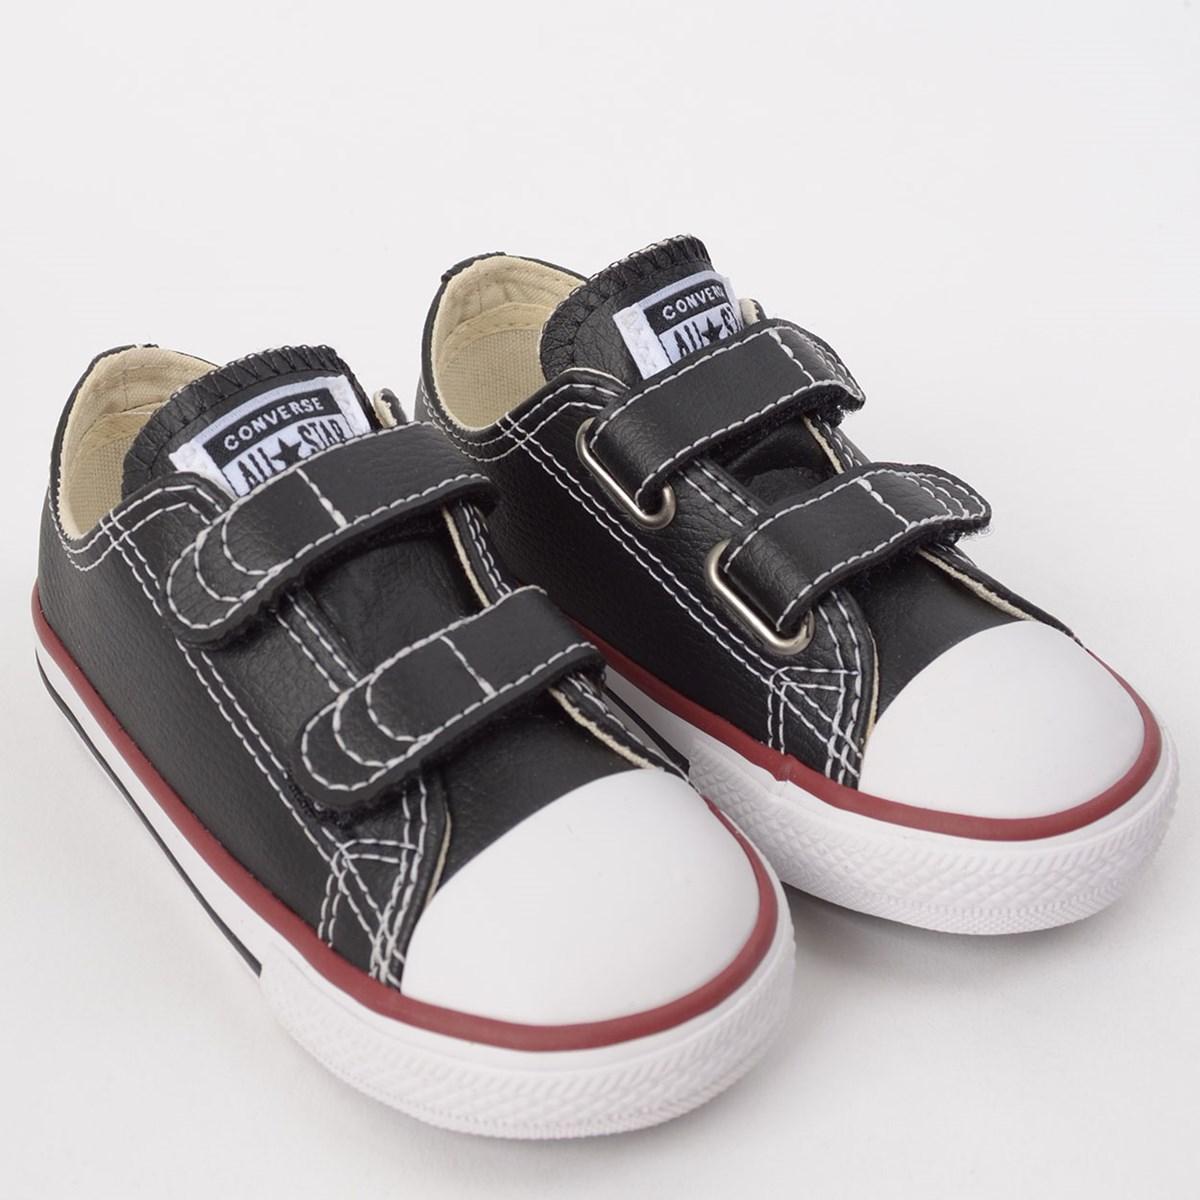 Tênis Converse Chuck Taylor All Star 2V Kids Preto Vermelho CK04180003